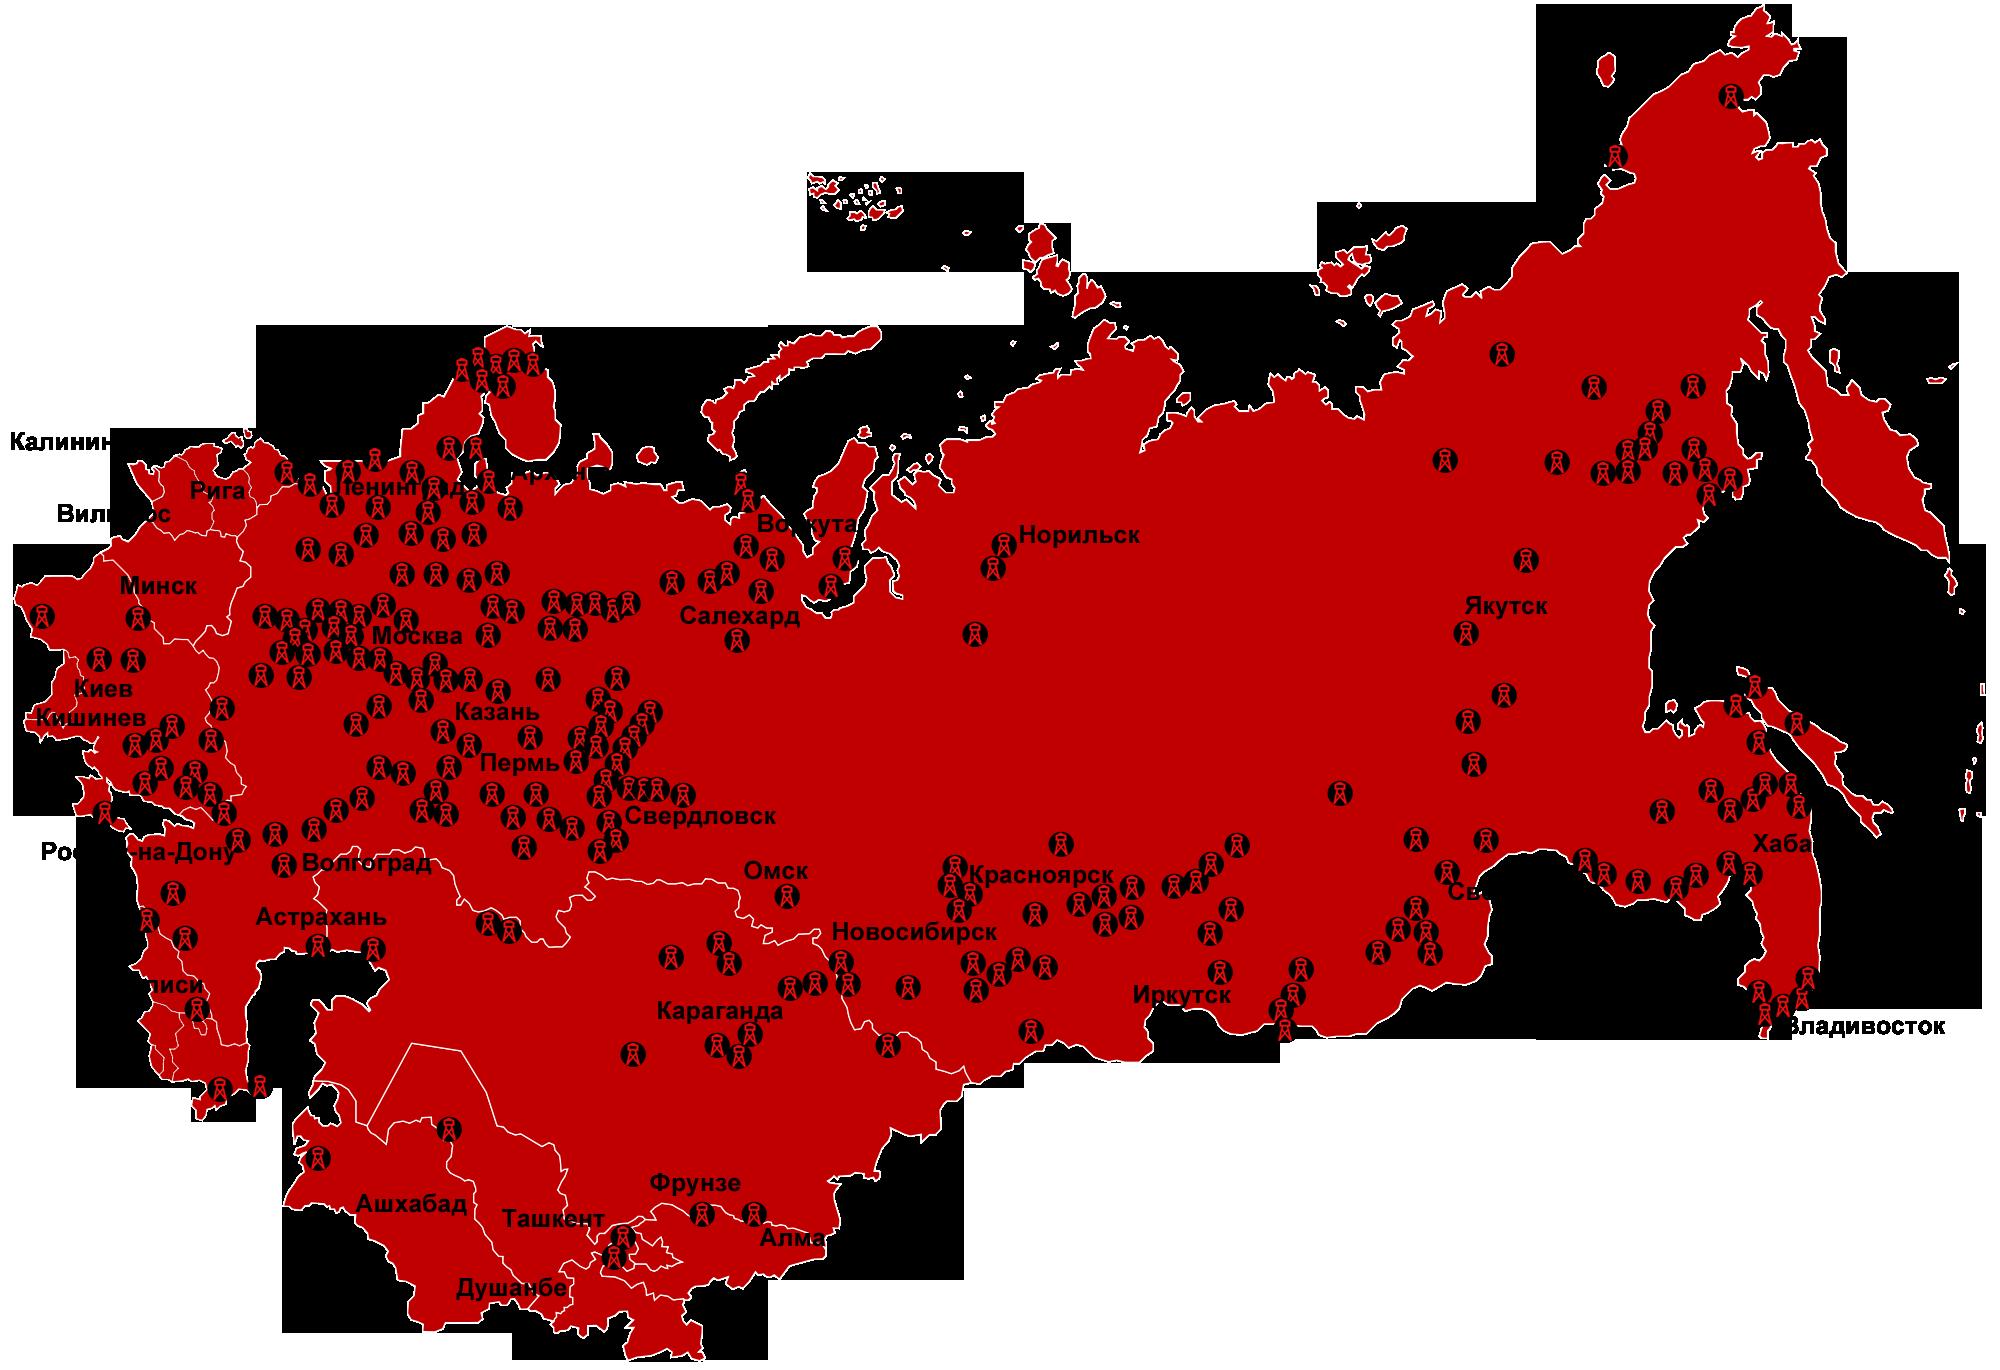 Интегральная карта лагерей системы ГУЛаг, существовавших с 1923 по 1967 годы, на основании данных правозащитного общества «Мемориал»